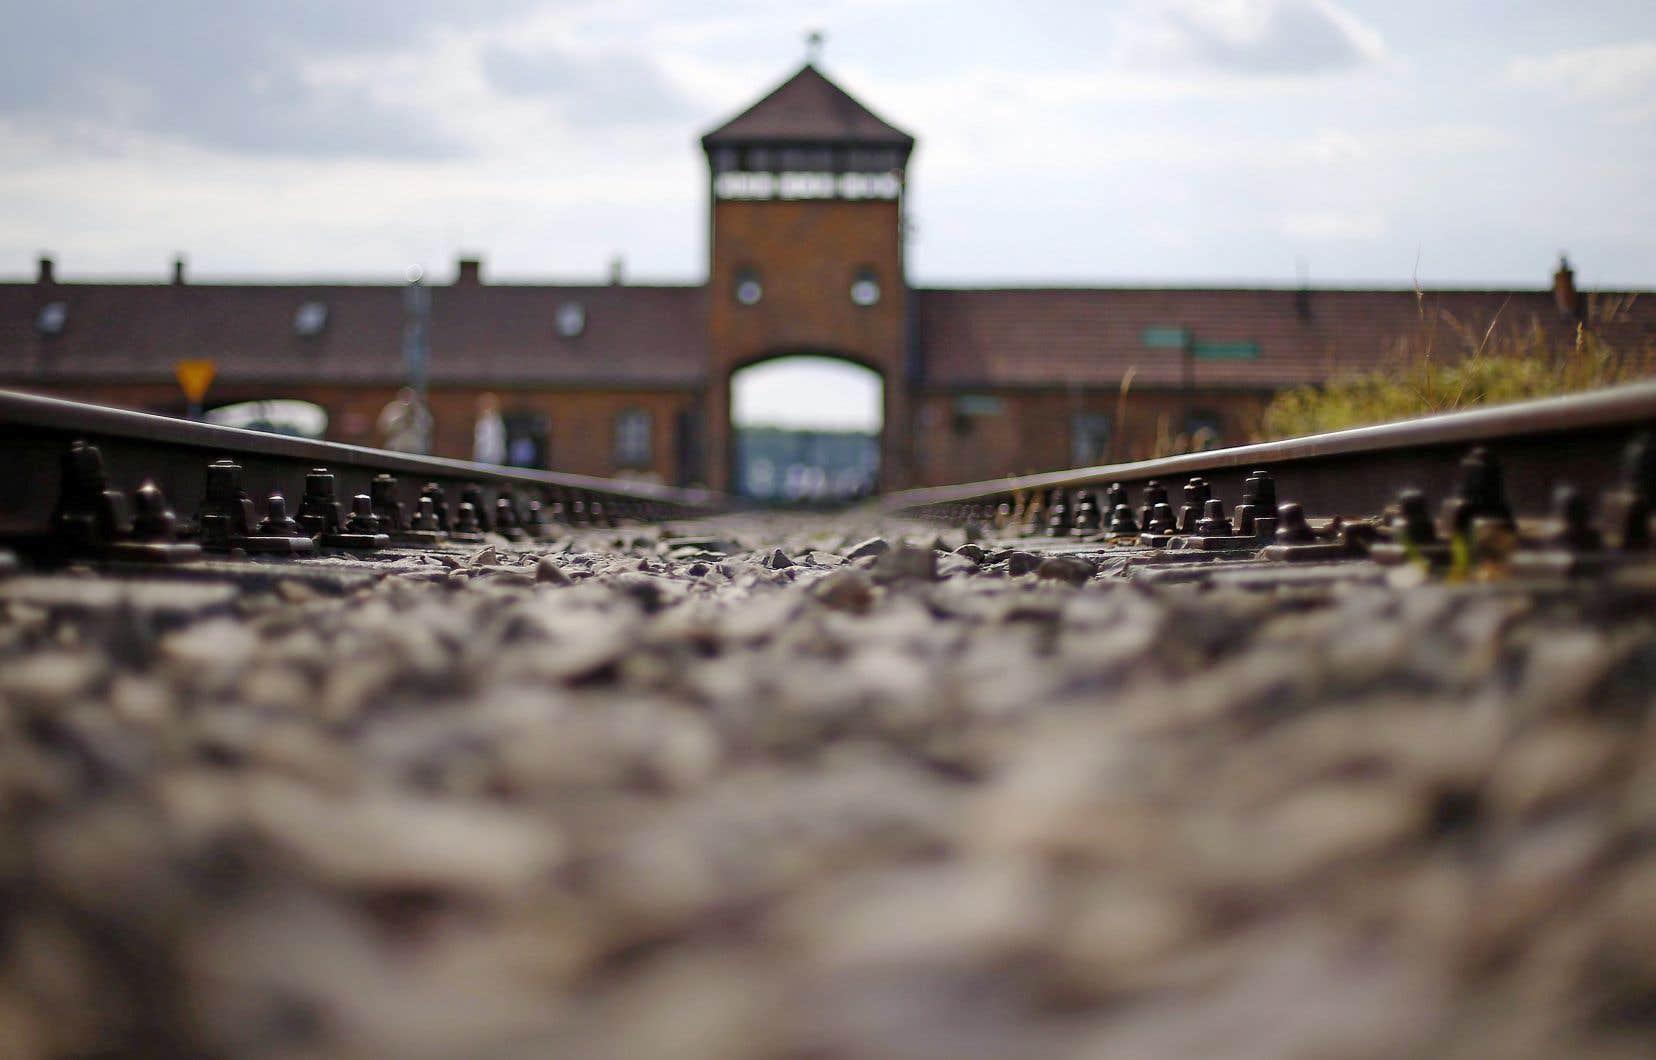 «Il n'y a pas d'Occident s'il n'y a pas la conscience que nous appartenons tous au même destin, que les guerres, les massacres, l'esclavage et les autres turpitudes terrestres relèvent de la nature humaine, ni de Dieu ni de Satan», écrit l'auteur. En photo, l'ancien camp de concentration d'Auschwitz, en Pologne.